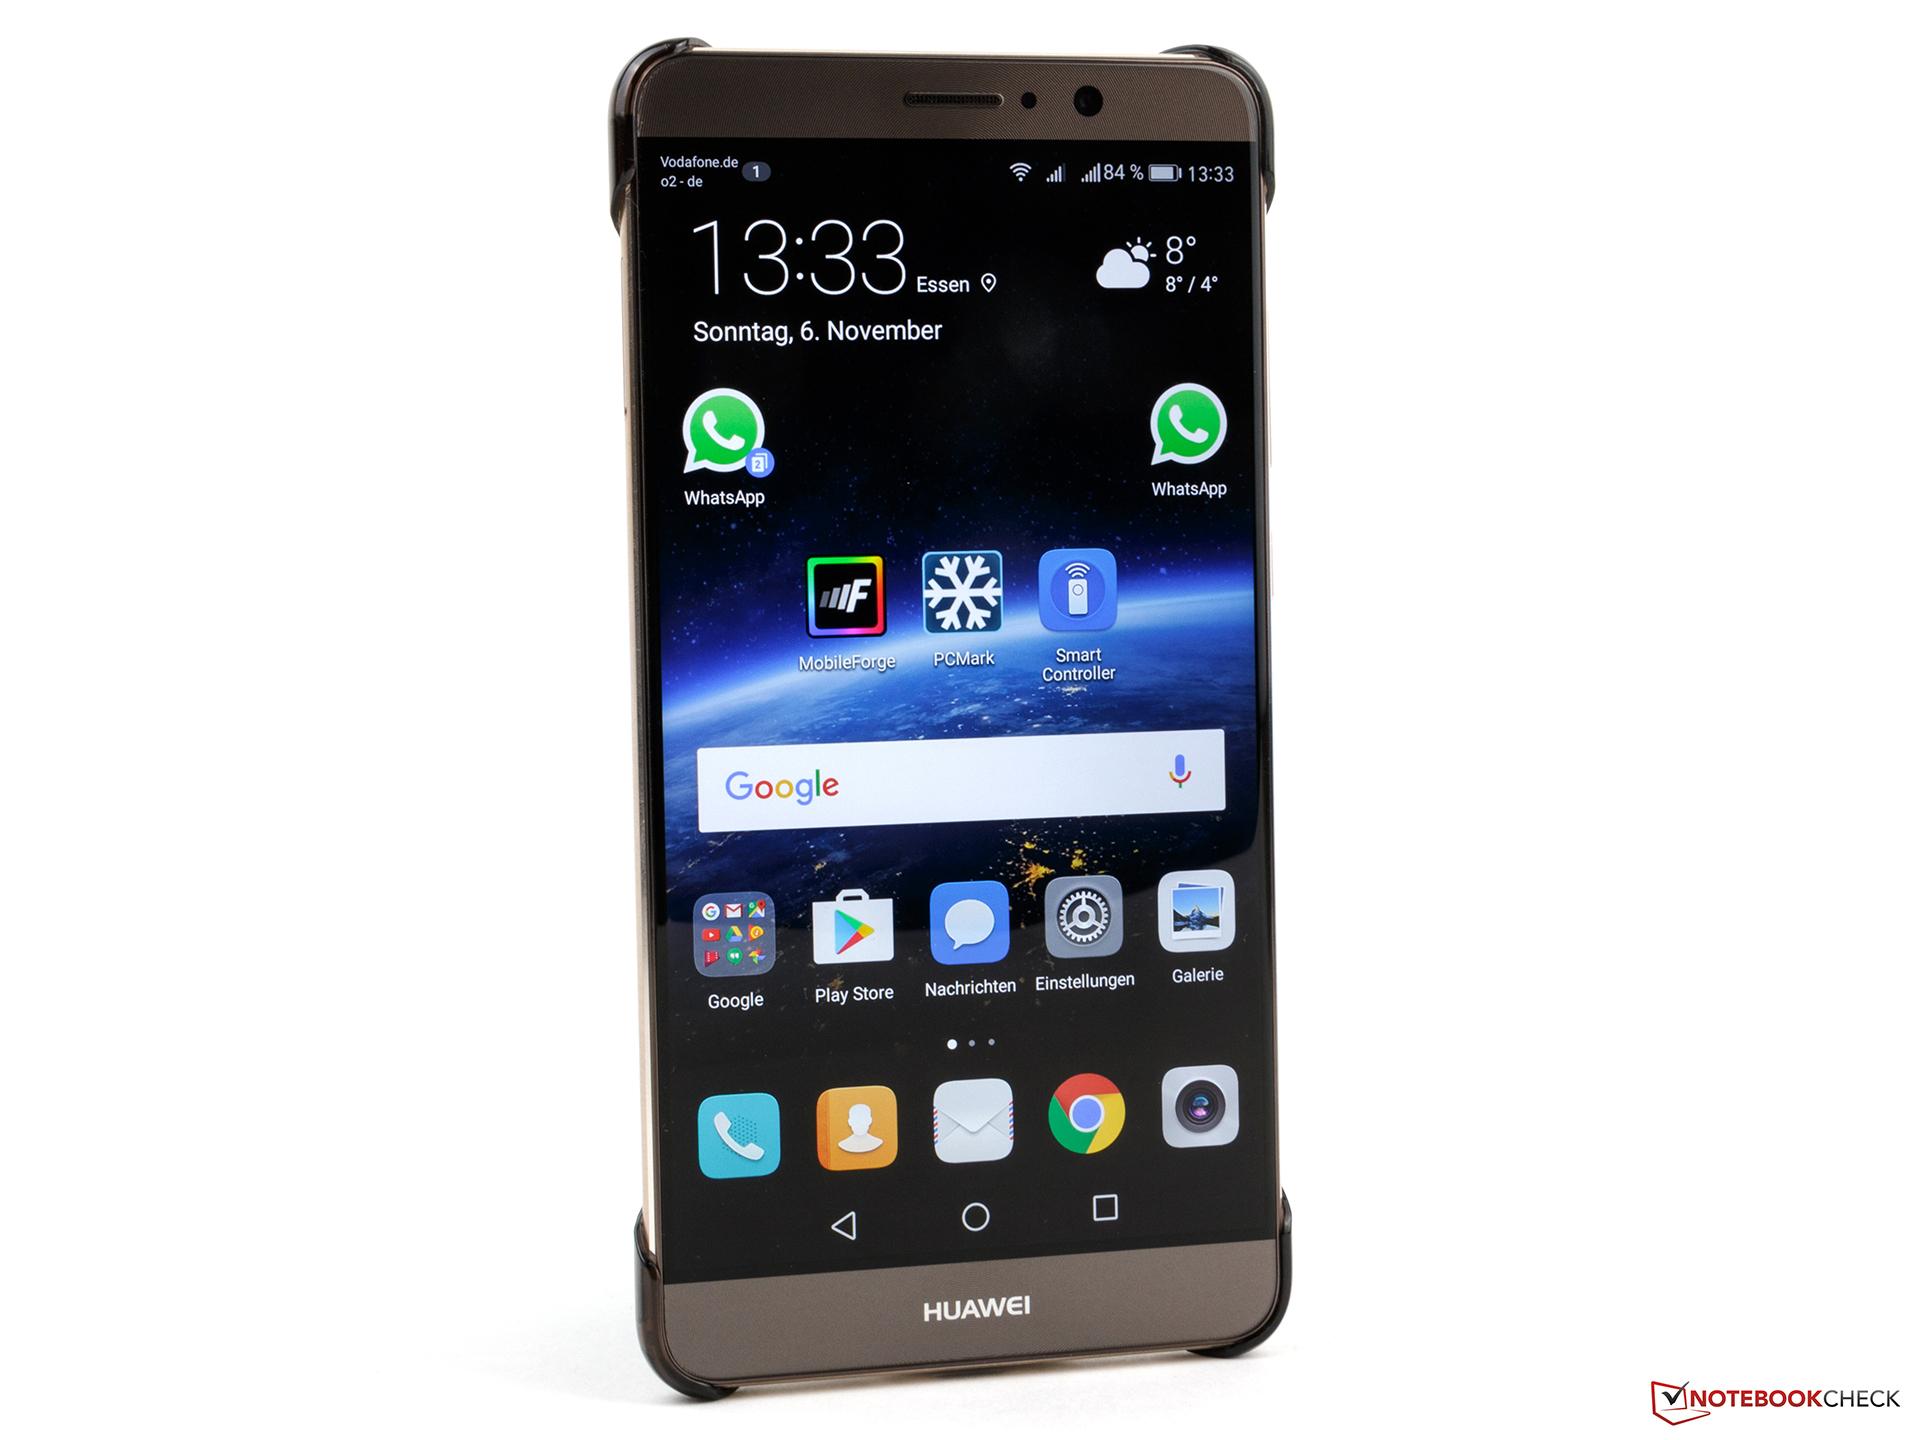 huawei м 865 инструкция смартфон